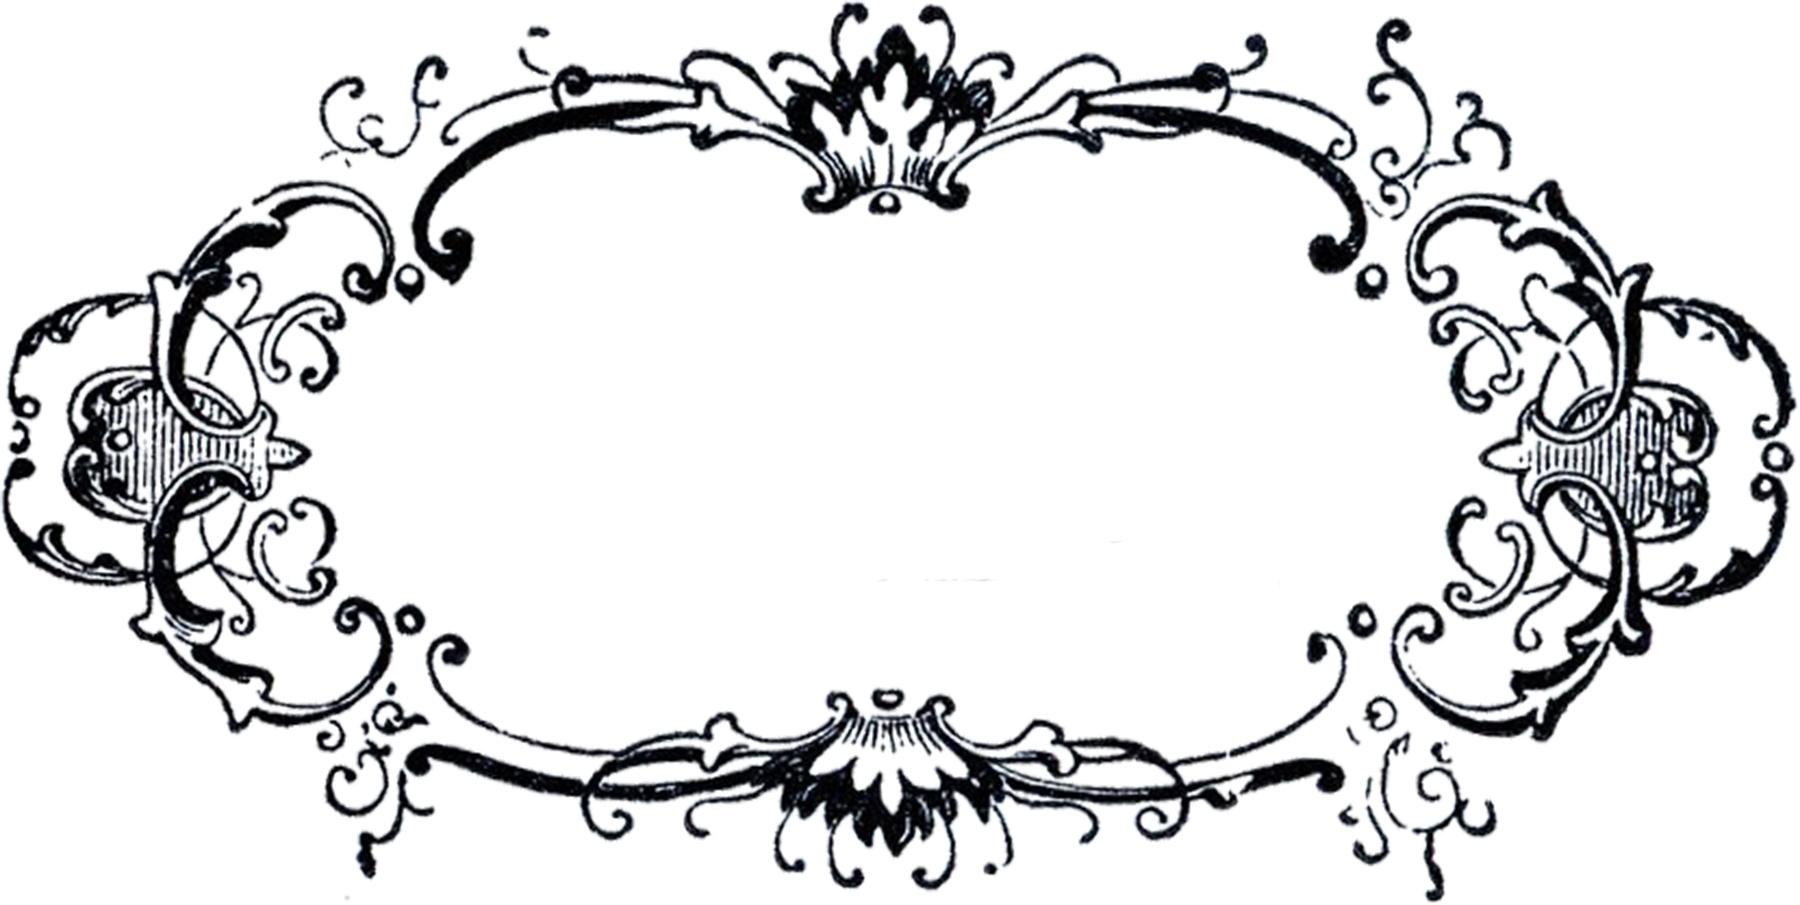 10 Black Fancy Label Templates Images - Fancy Decorative Label - Fancy Labels Printable Free